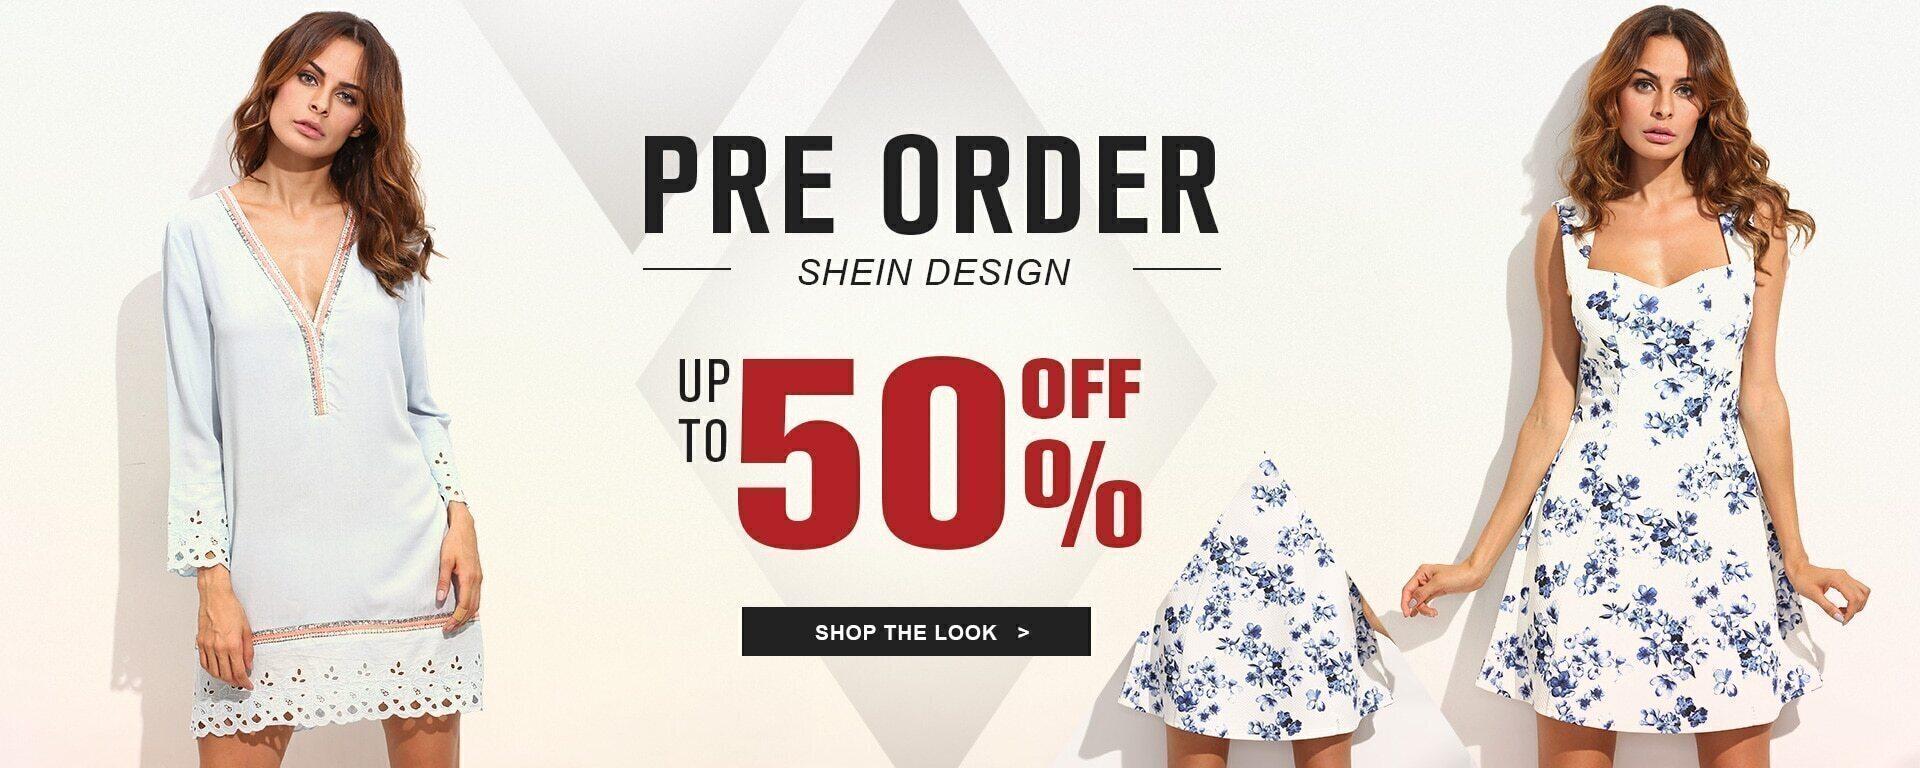 SHEIN DESIGN PRE ORDER